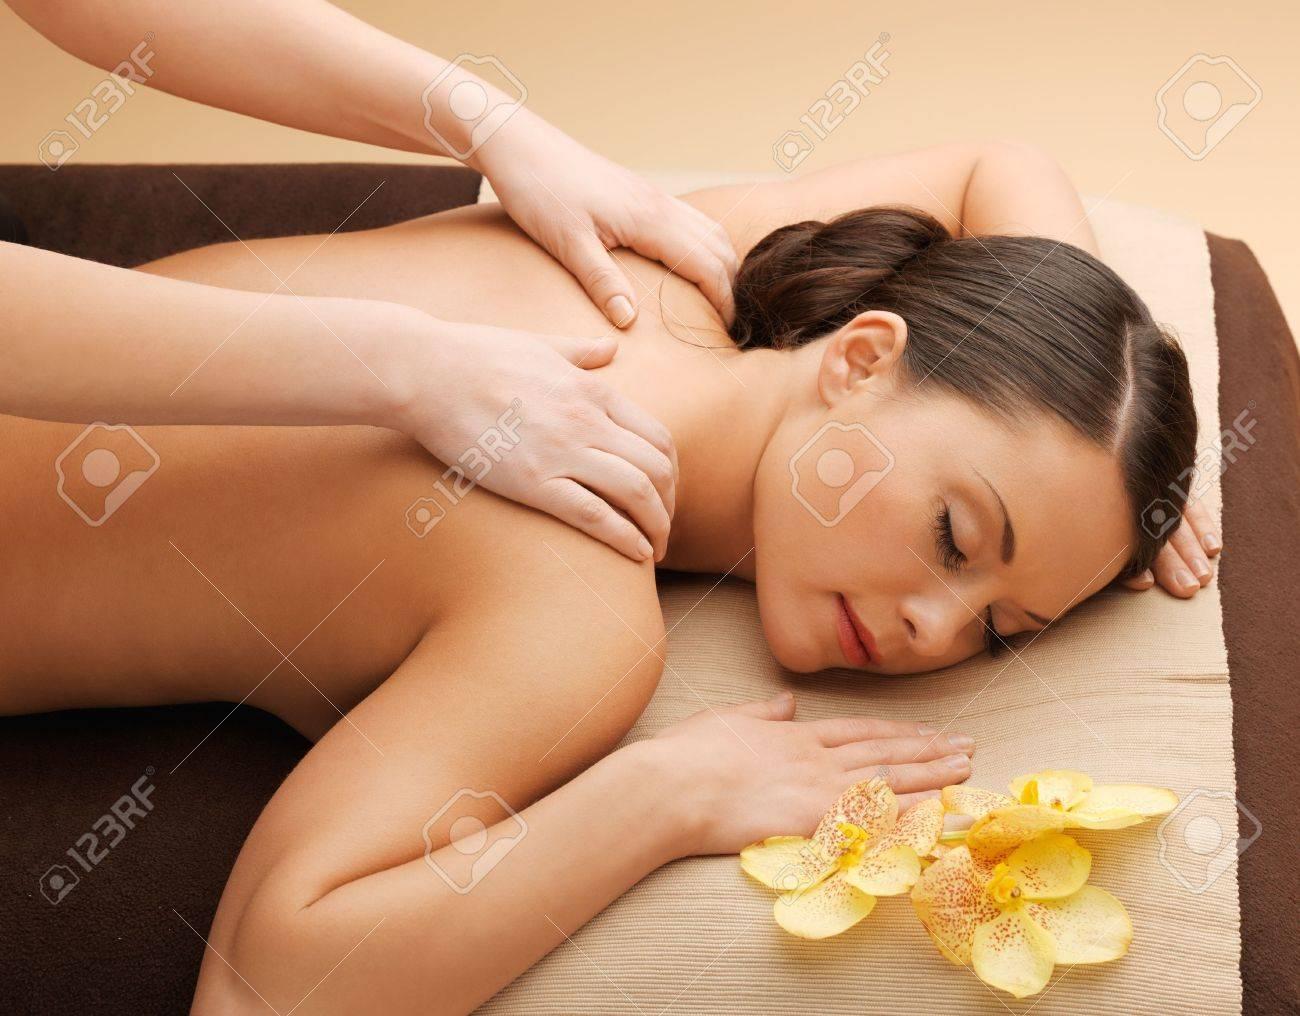 porno-roliki-molodih-massazh